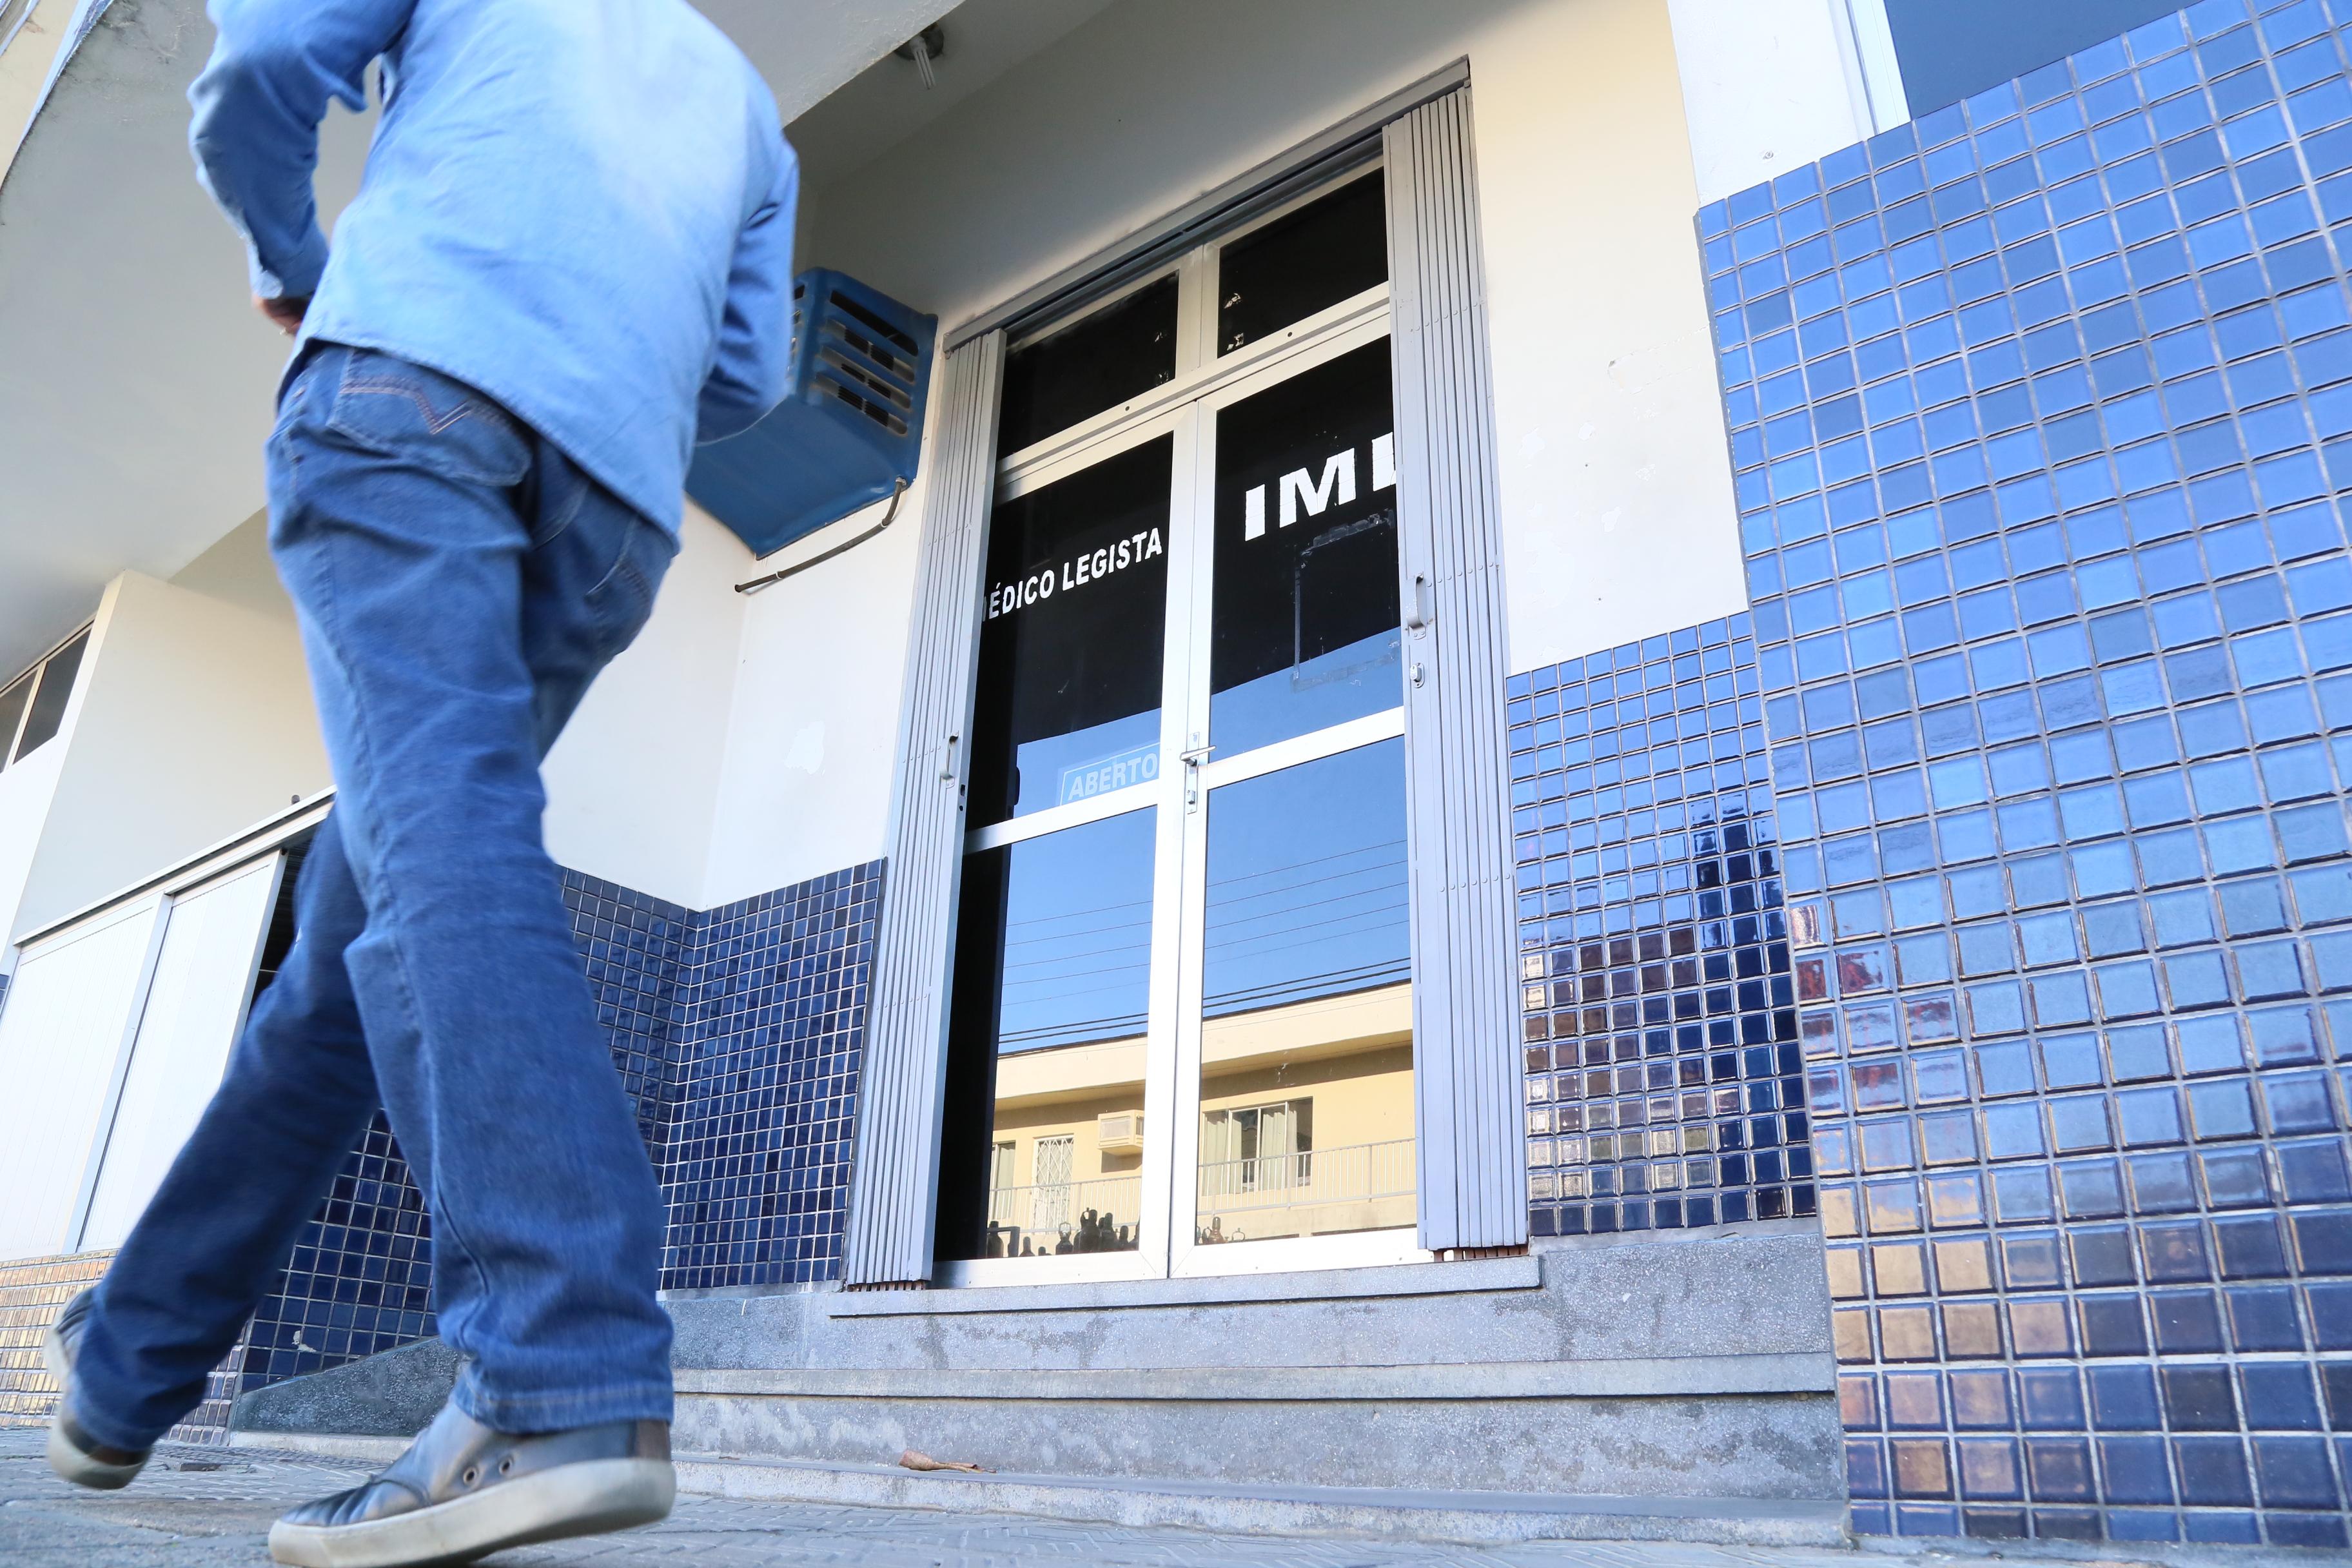 Adolescente deve passar por exame de corpo de delito no Instituto Médico Legal, em Jaraguá do Sul. | Foto Eduardo Montecino/OCP News